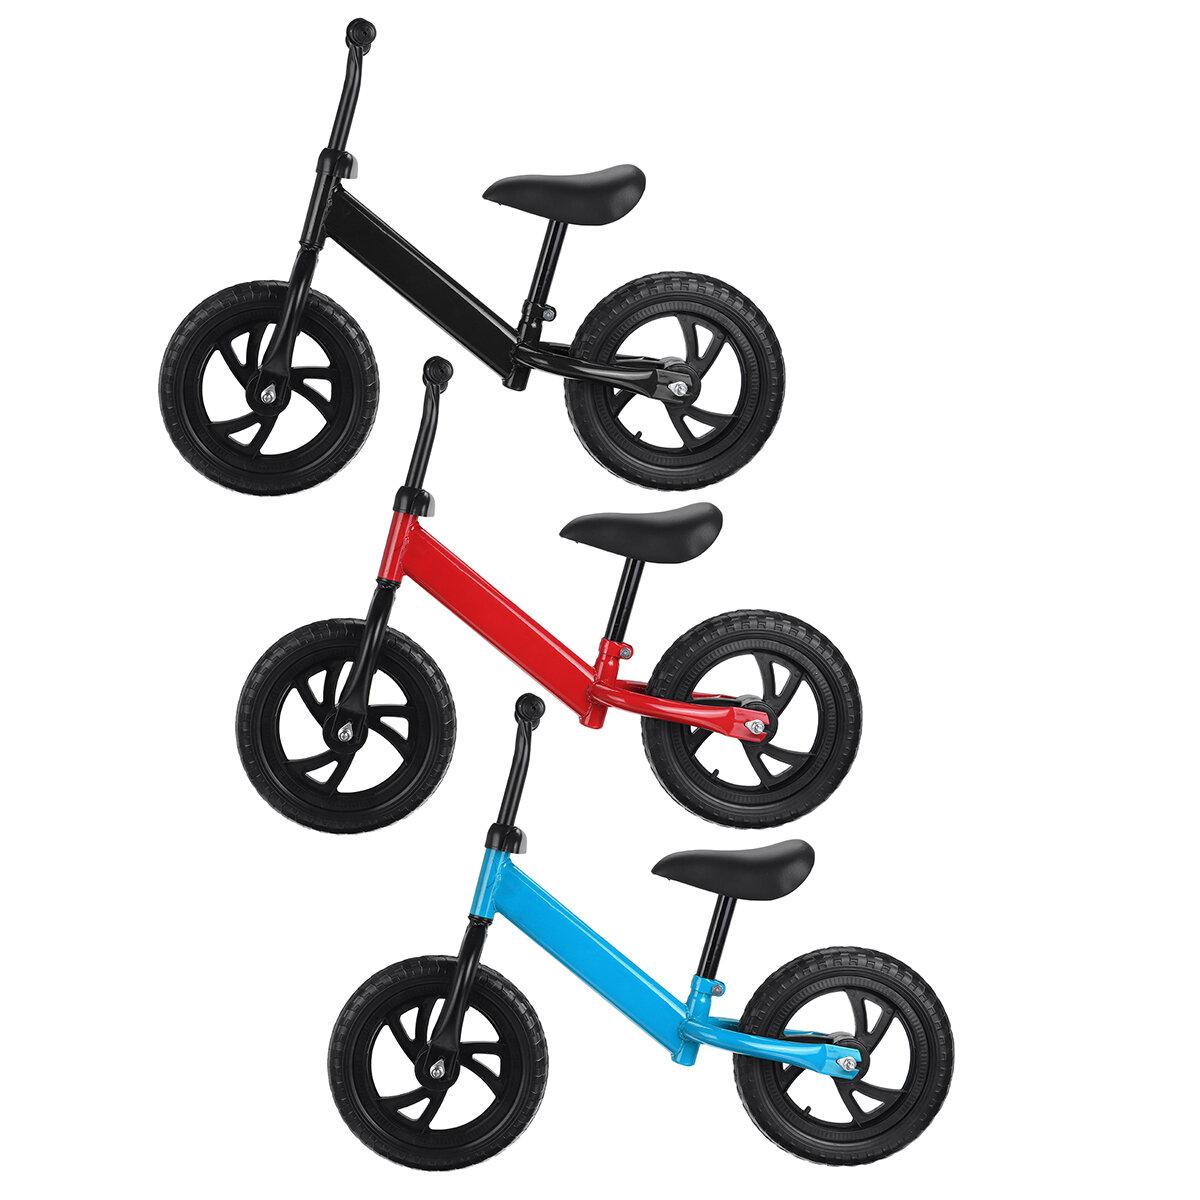 دراجة توازن 32 بوصة بدون دواسة للأطفال البنات والأولاد التدريب إدفع دراجة لعمر 2-6 سنوات هدية ركوب في الكريسماس